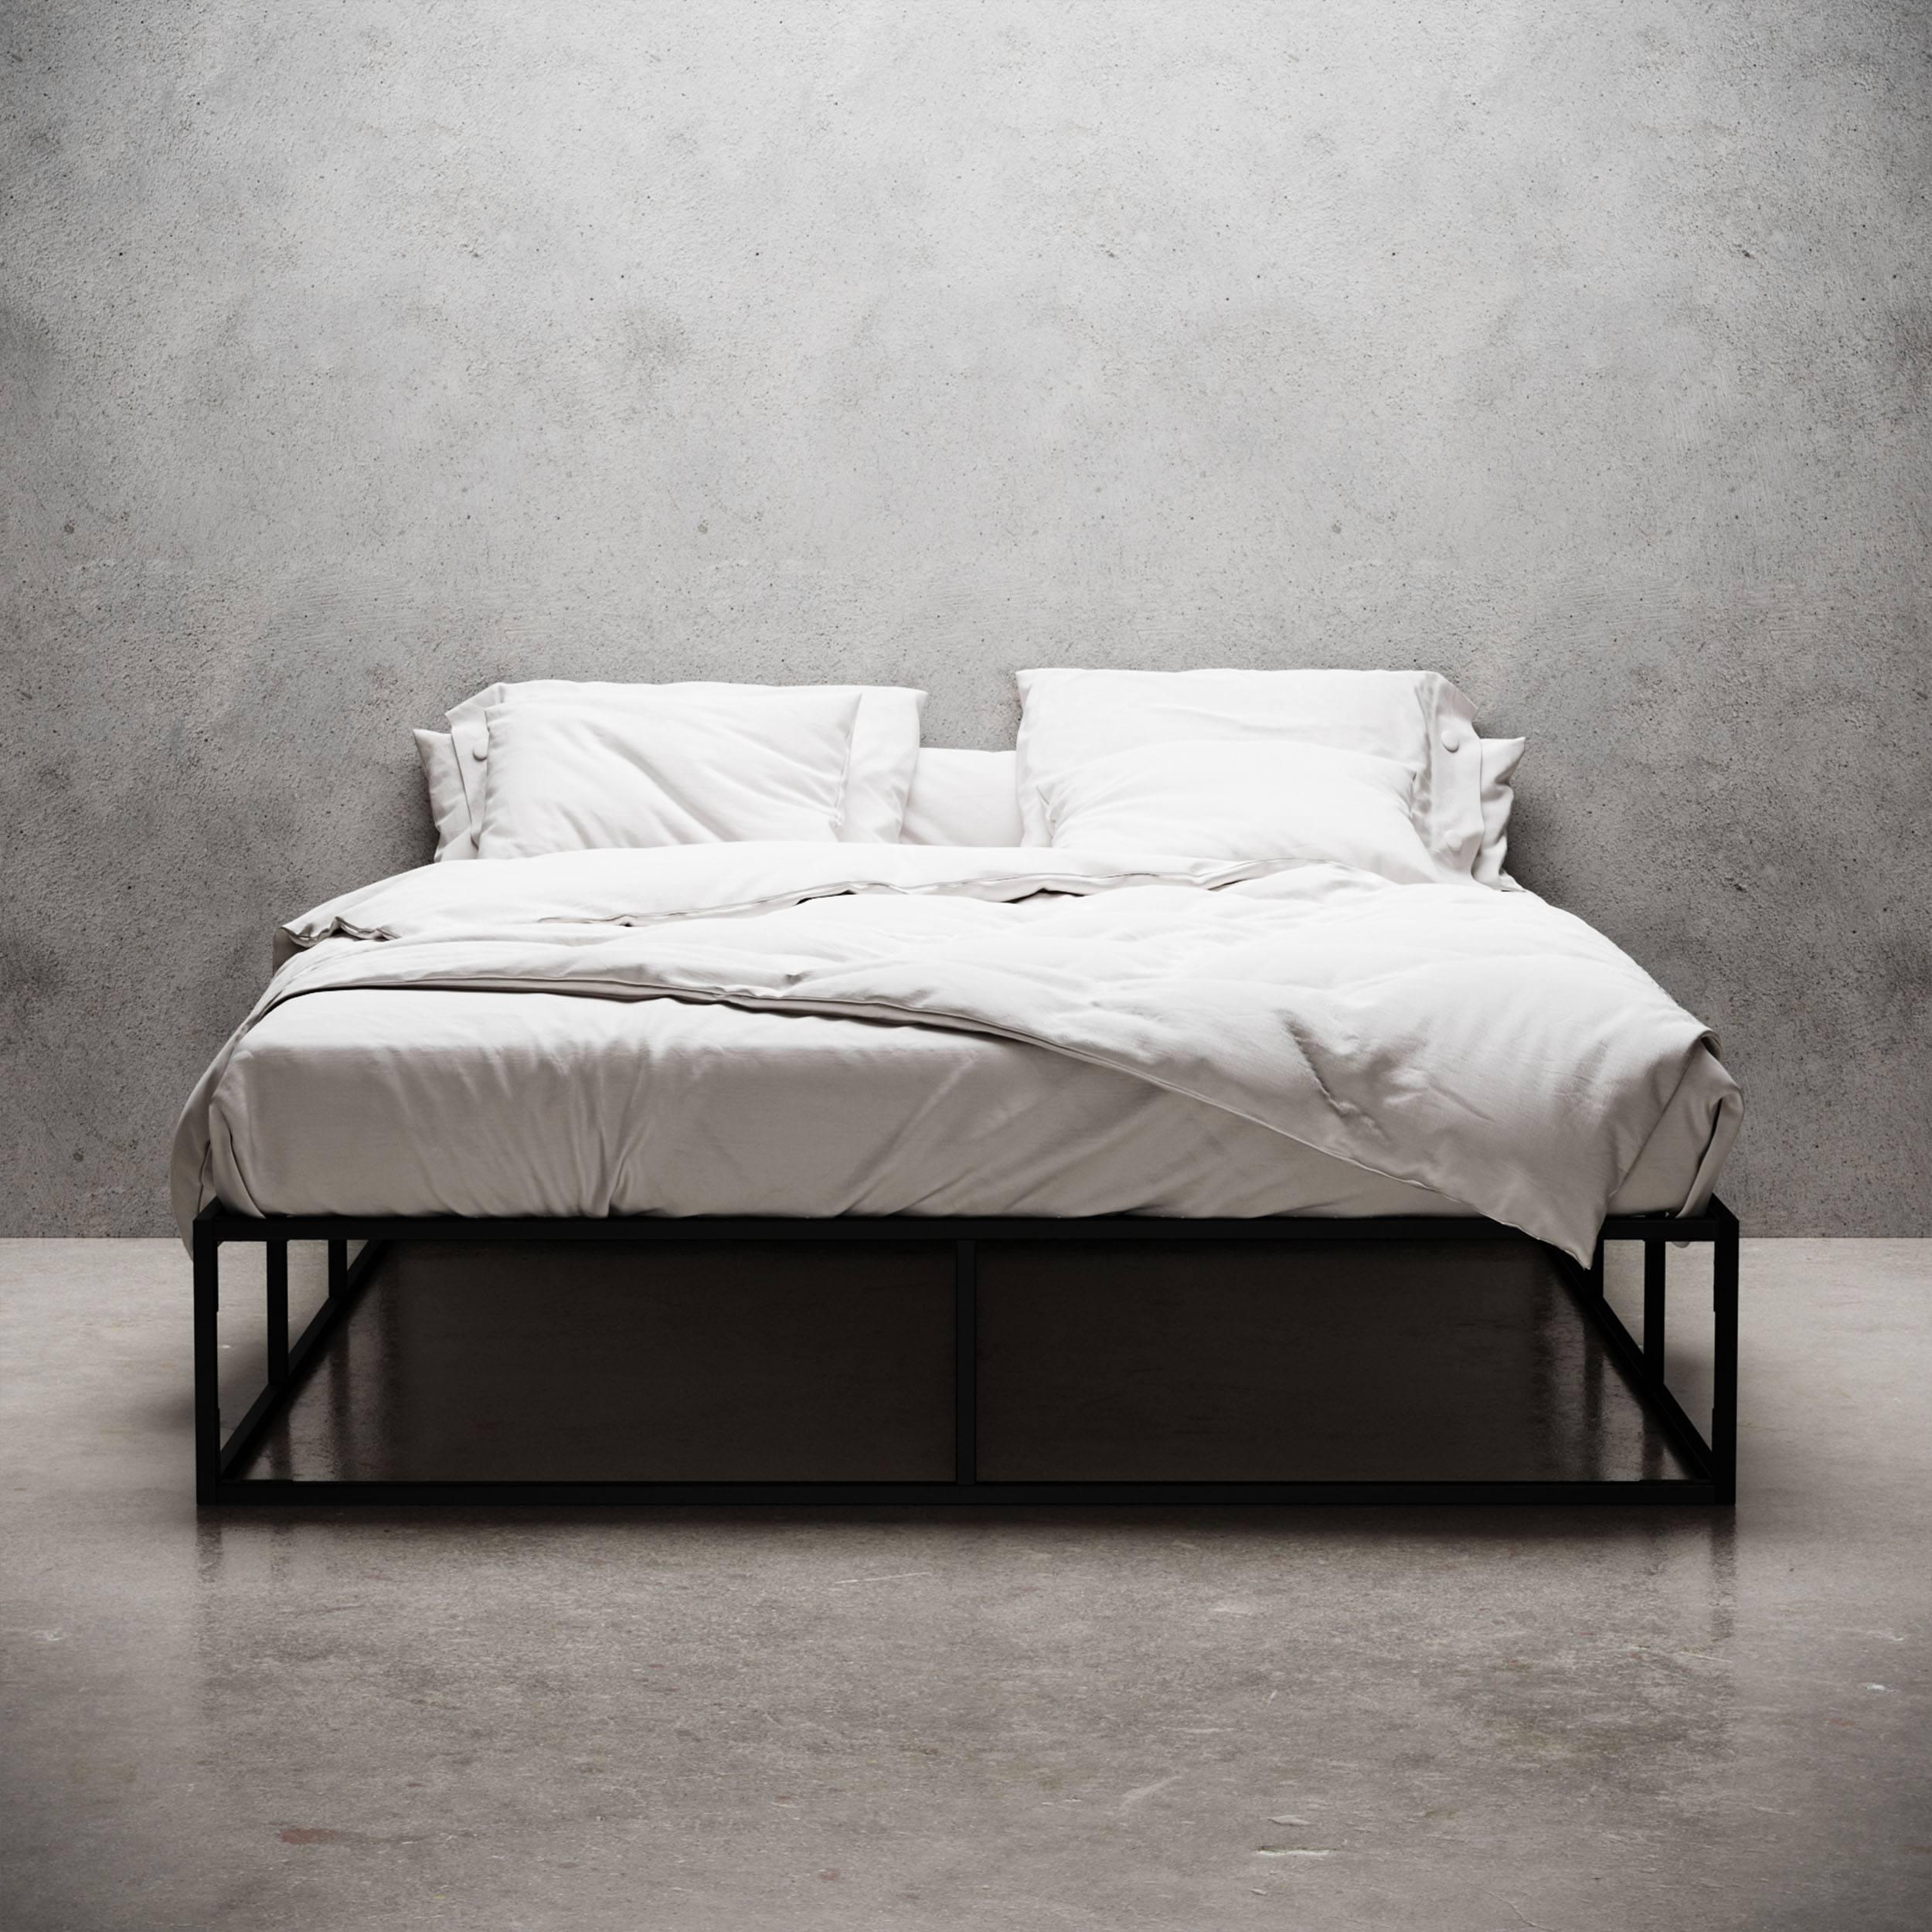 BedFrame Bett